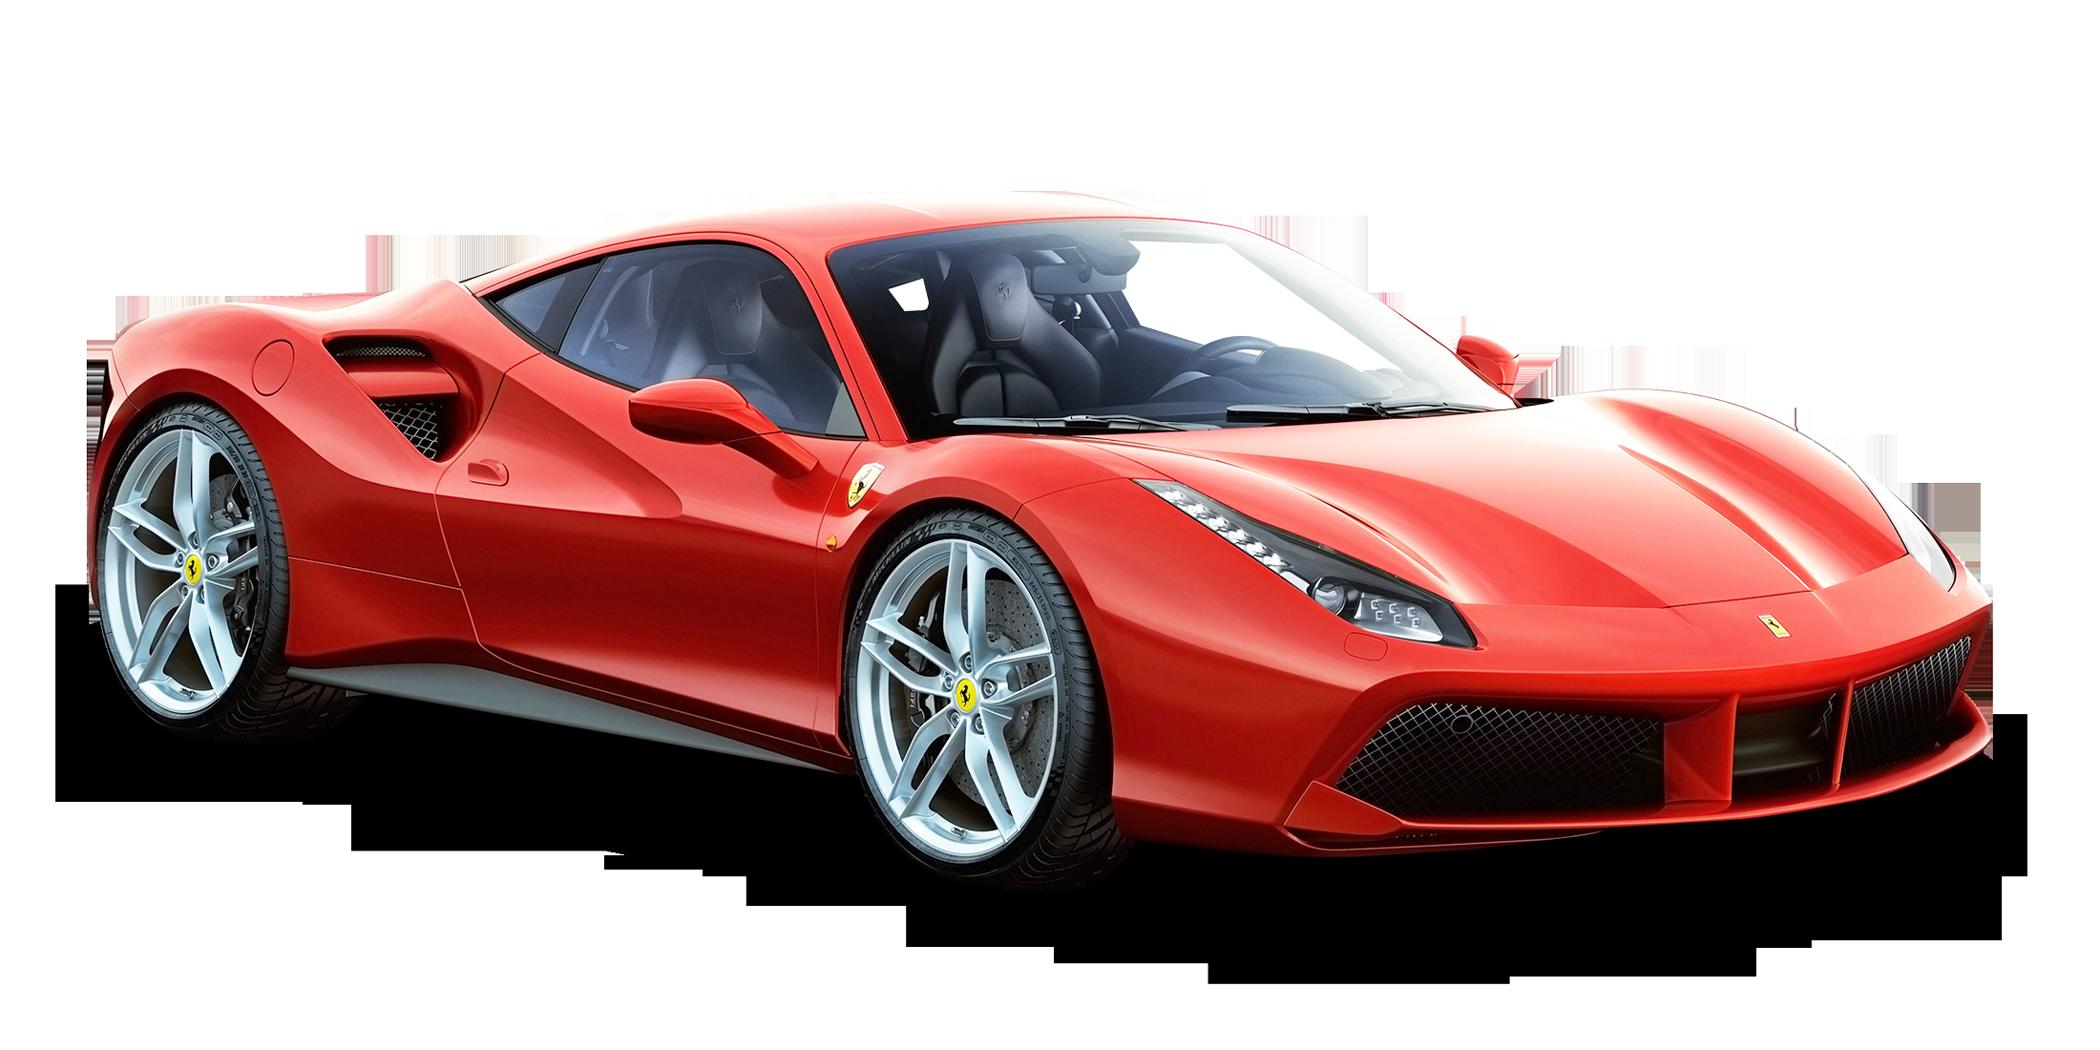 Ferrari PNG Images, Sports Ferrari Car Images Clipart.